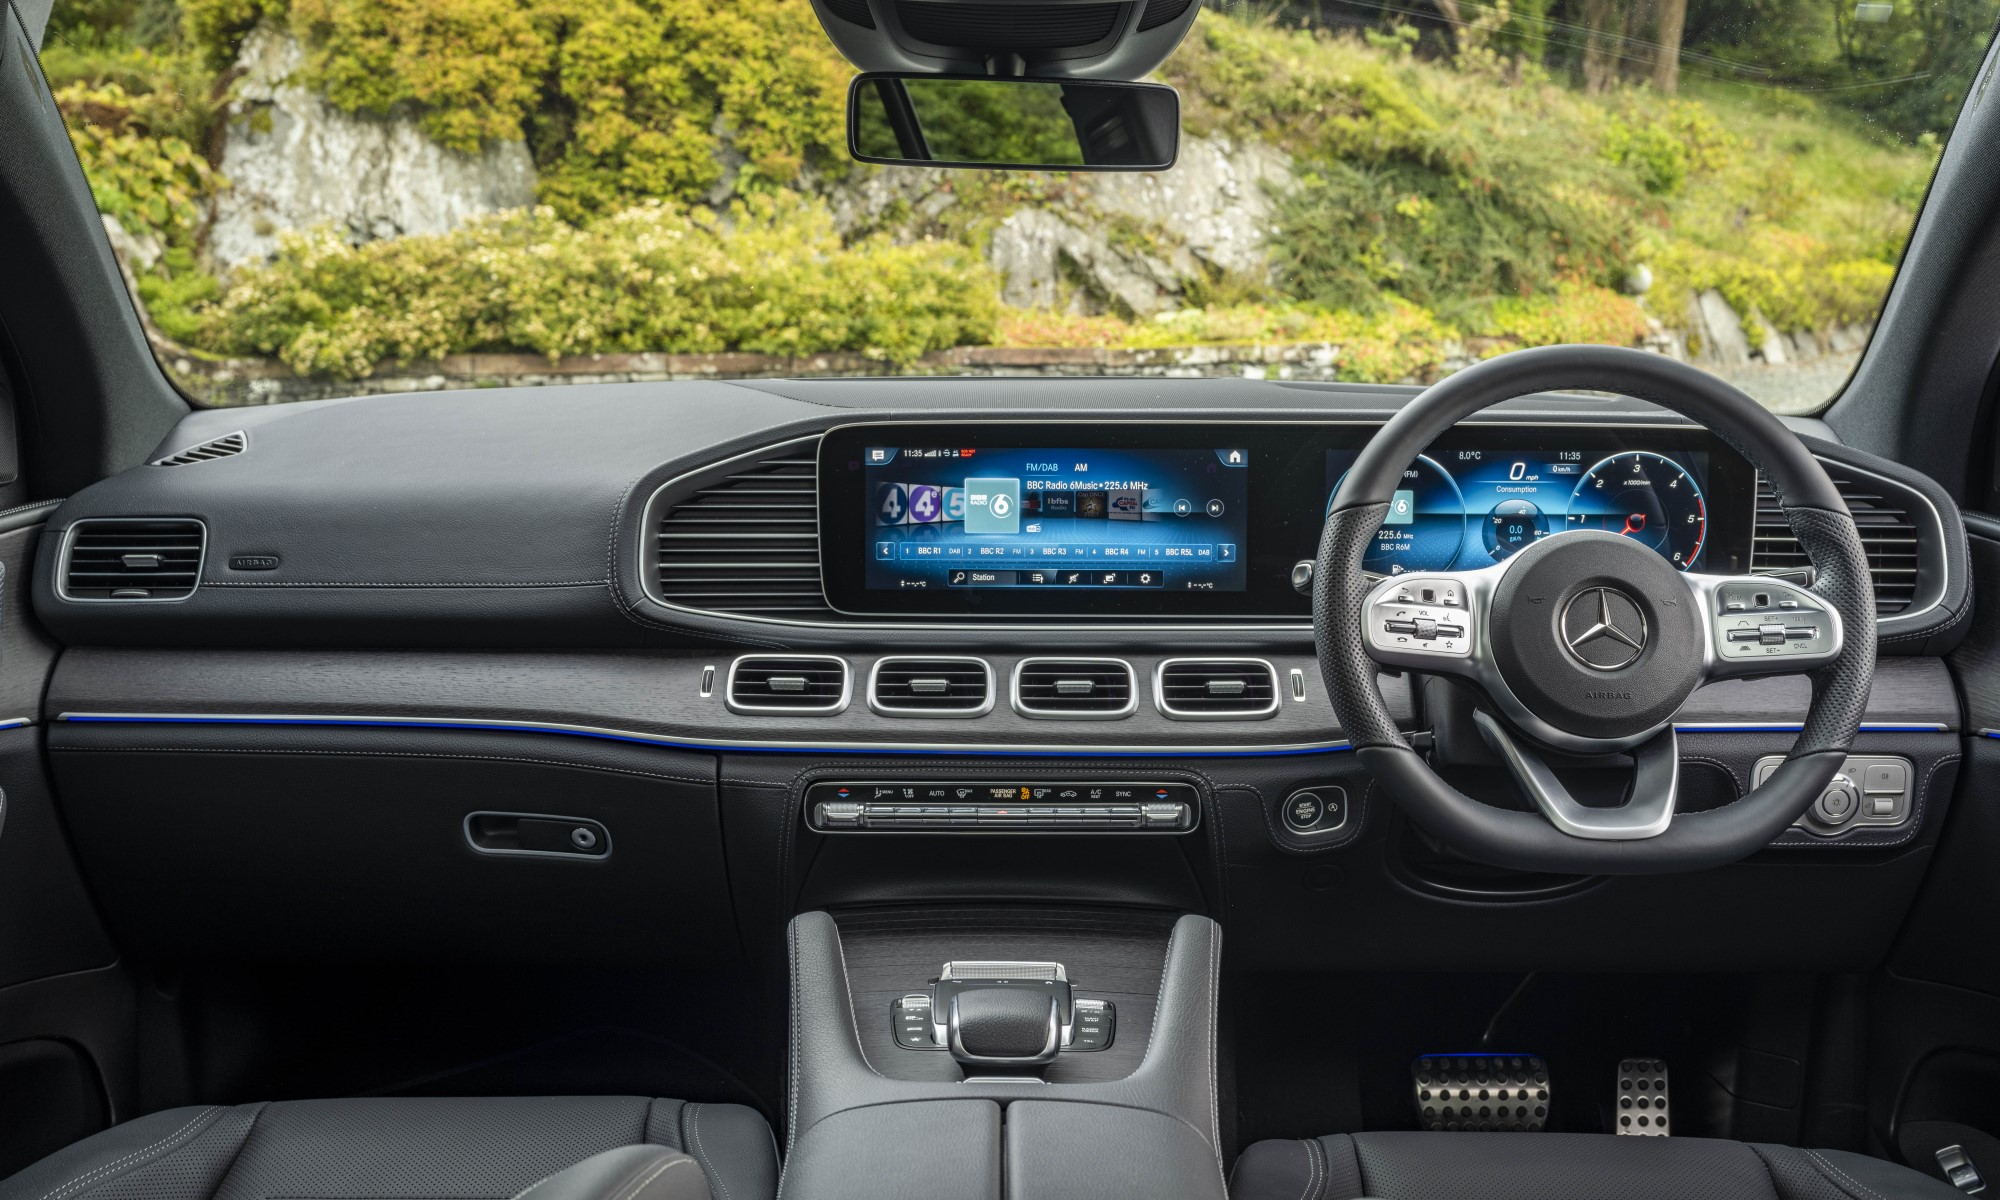 Mercedes-Benz GLE400d Coupé interior